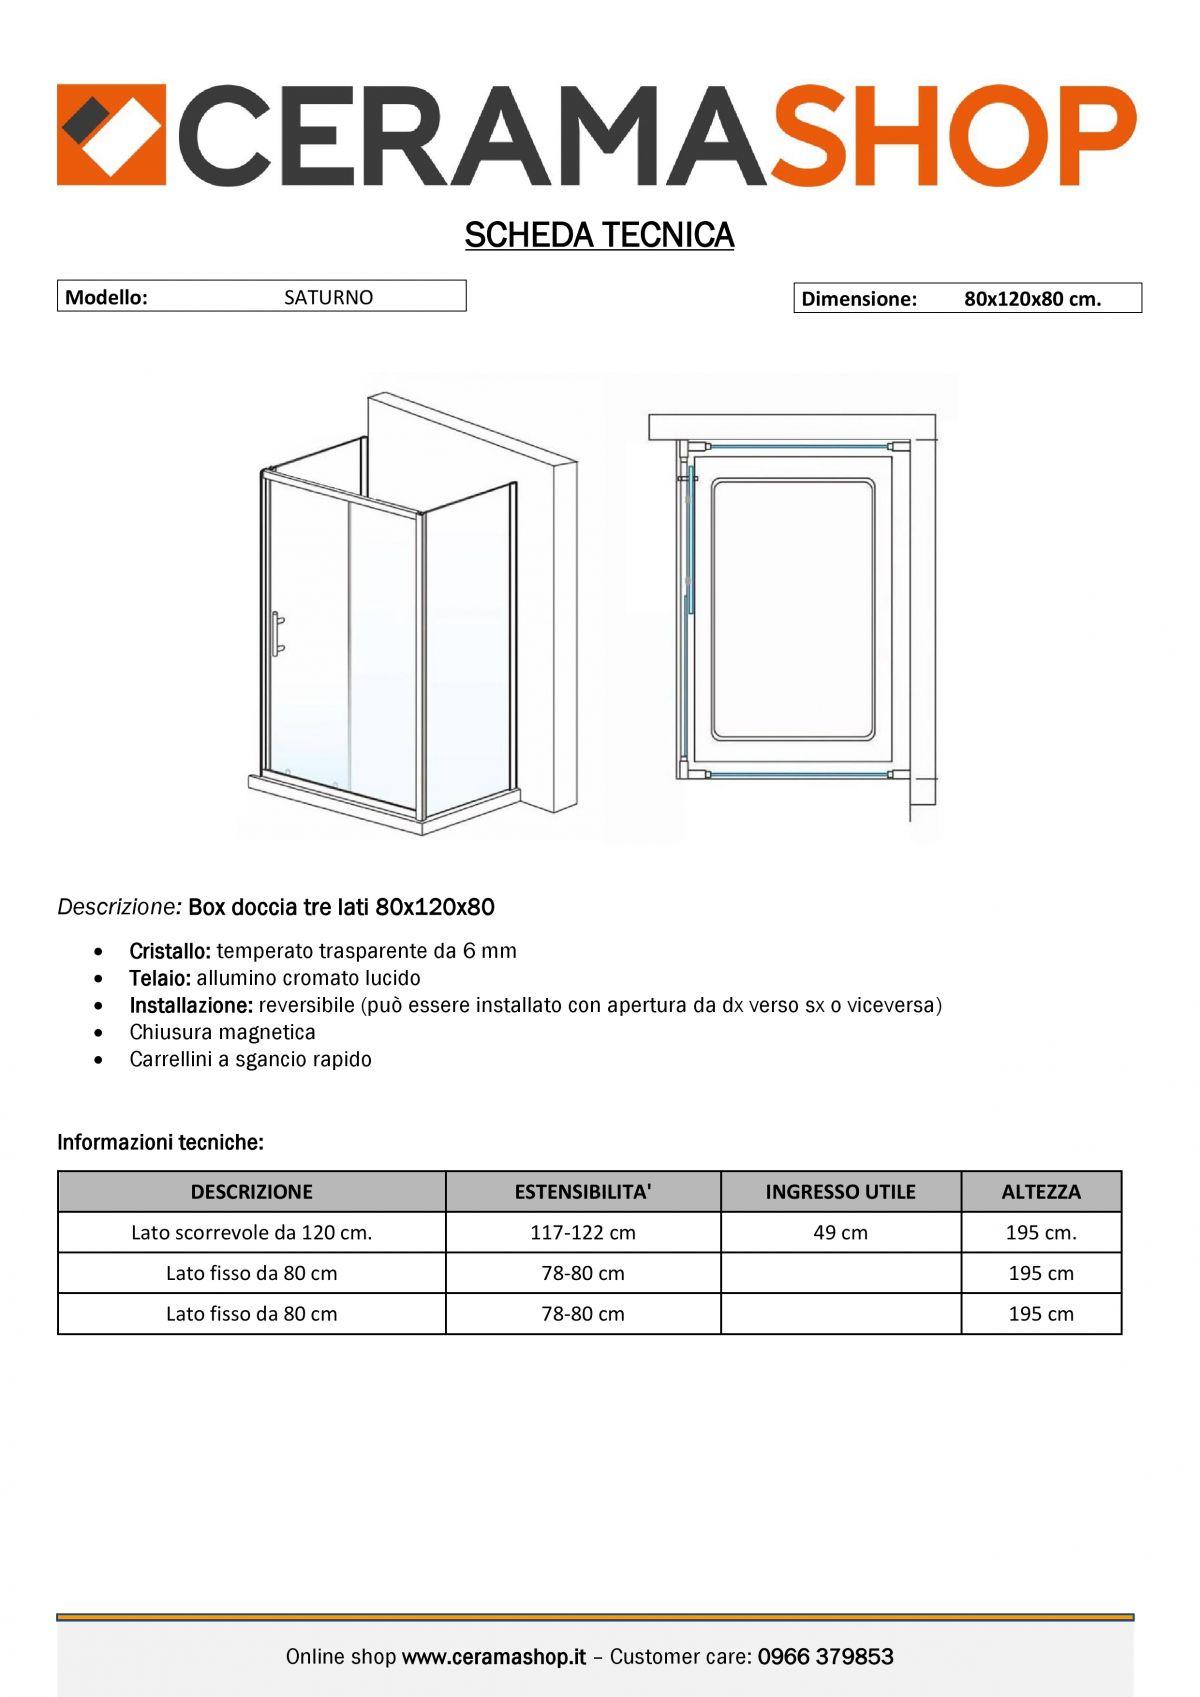 """80x120x80 0000012 scaled Box Cabina doccia tre lati """"Saturno"""" 80x120x80 cm scorrevole cristallo trasparente 6 mm"""